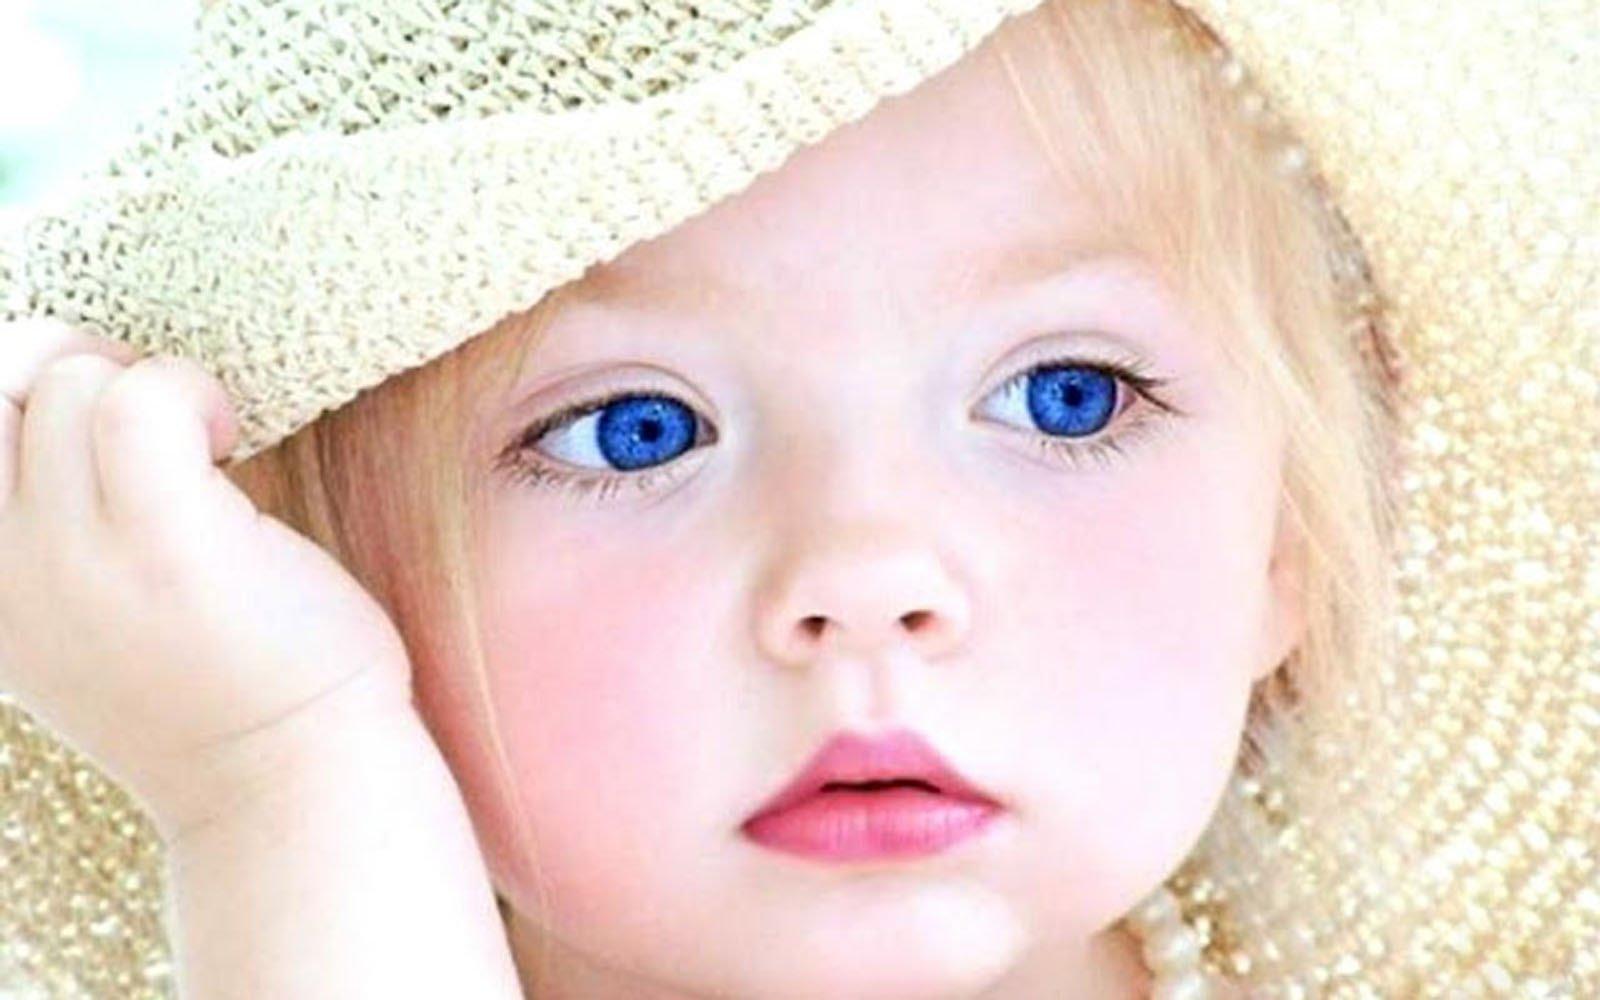 بالصور بنات اطفال , الاطفال وجمال البنت الصغيره 5418 5